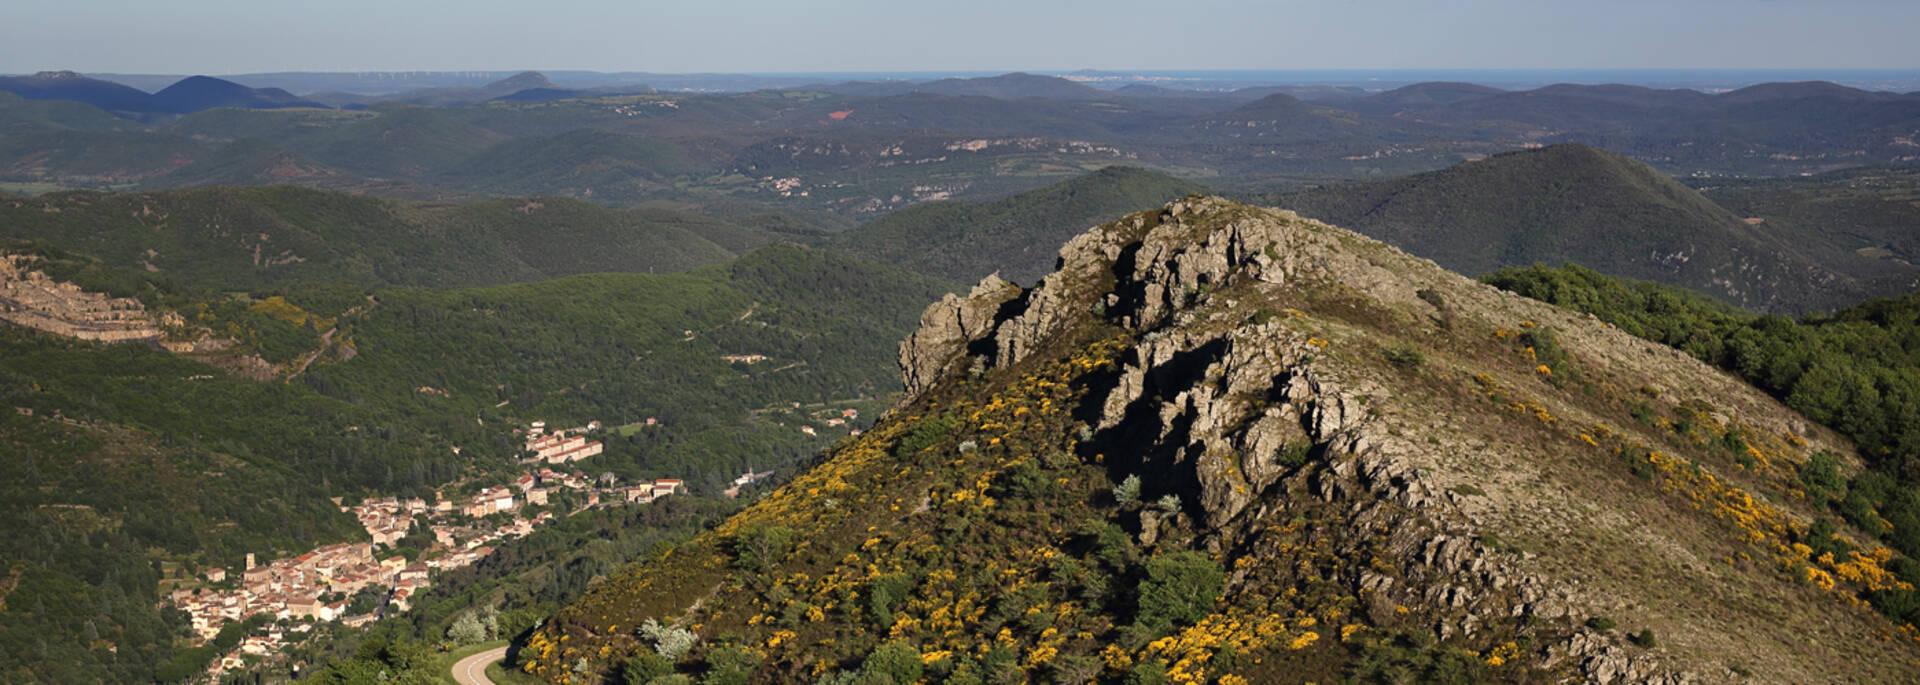 Vue sur Graissessac depuis le mont Cabanes ©G.Souche